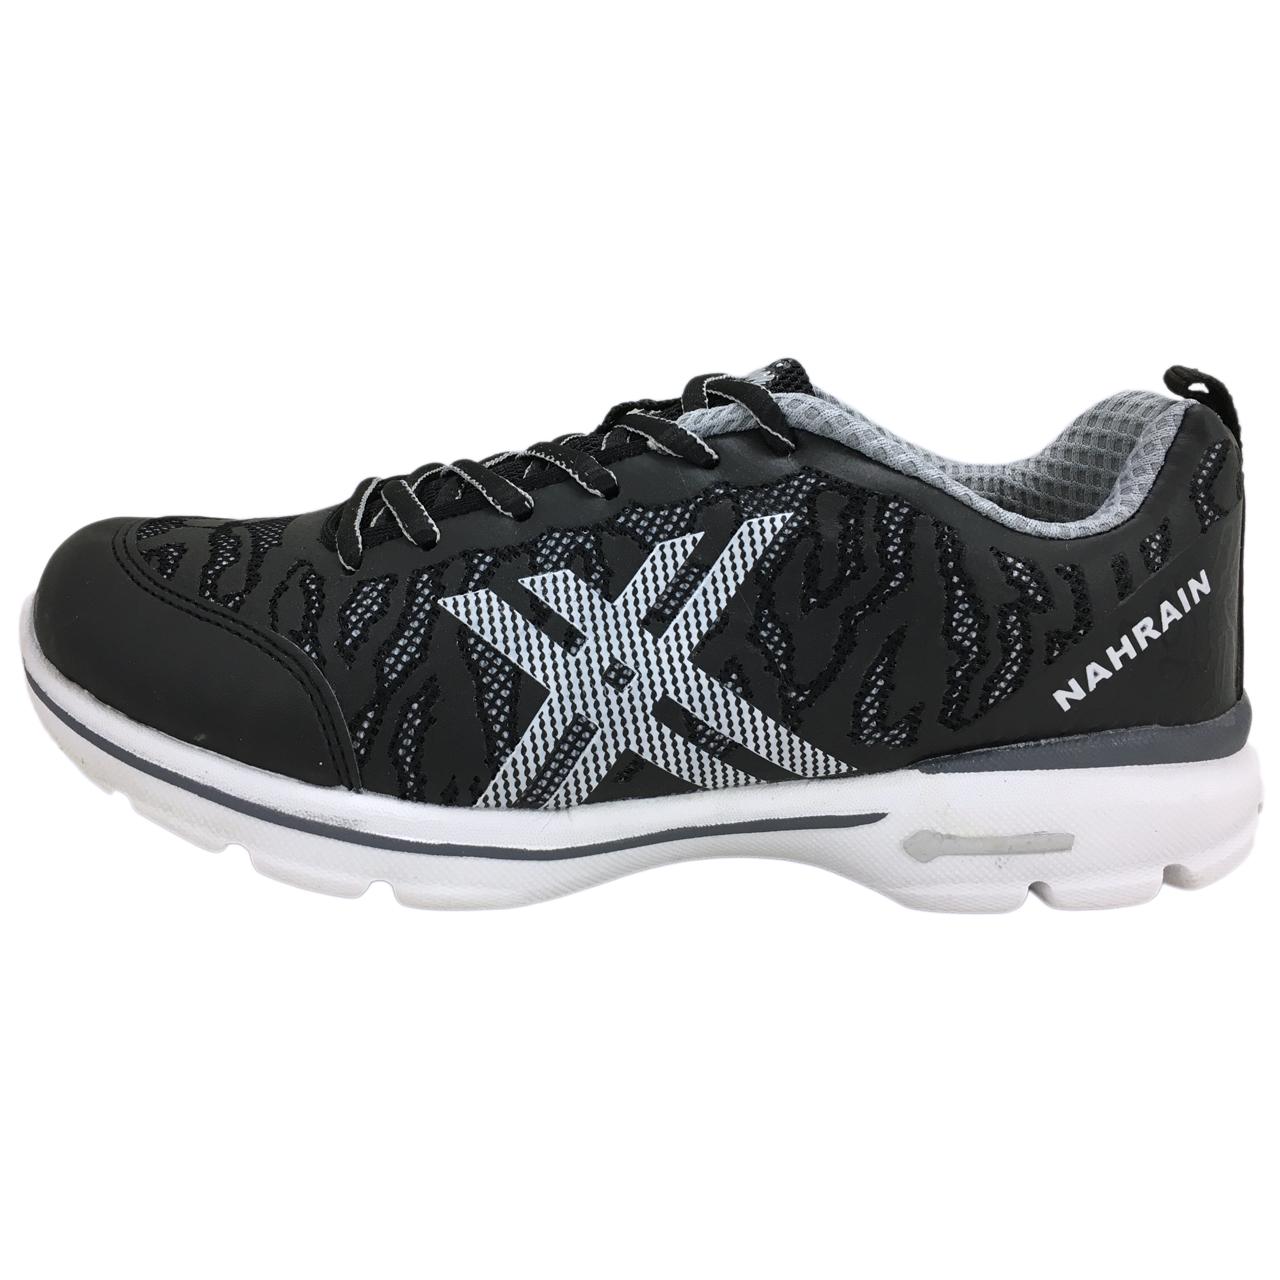 خرید کفش مخصوص پیاده روی زنانه نهرین مدل دو ایکس کد 2970